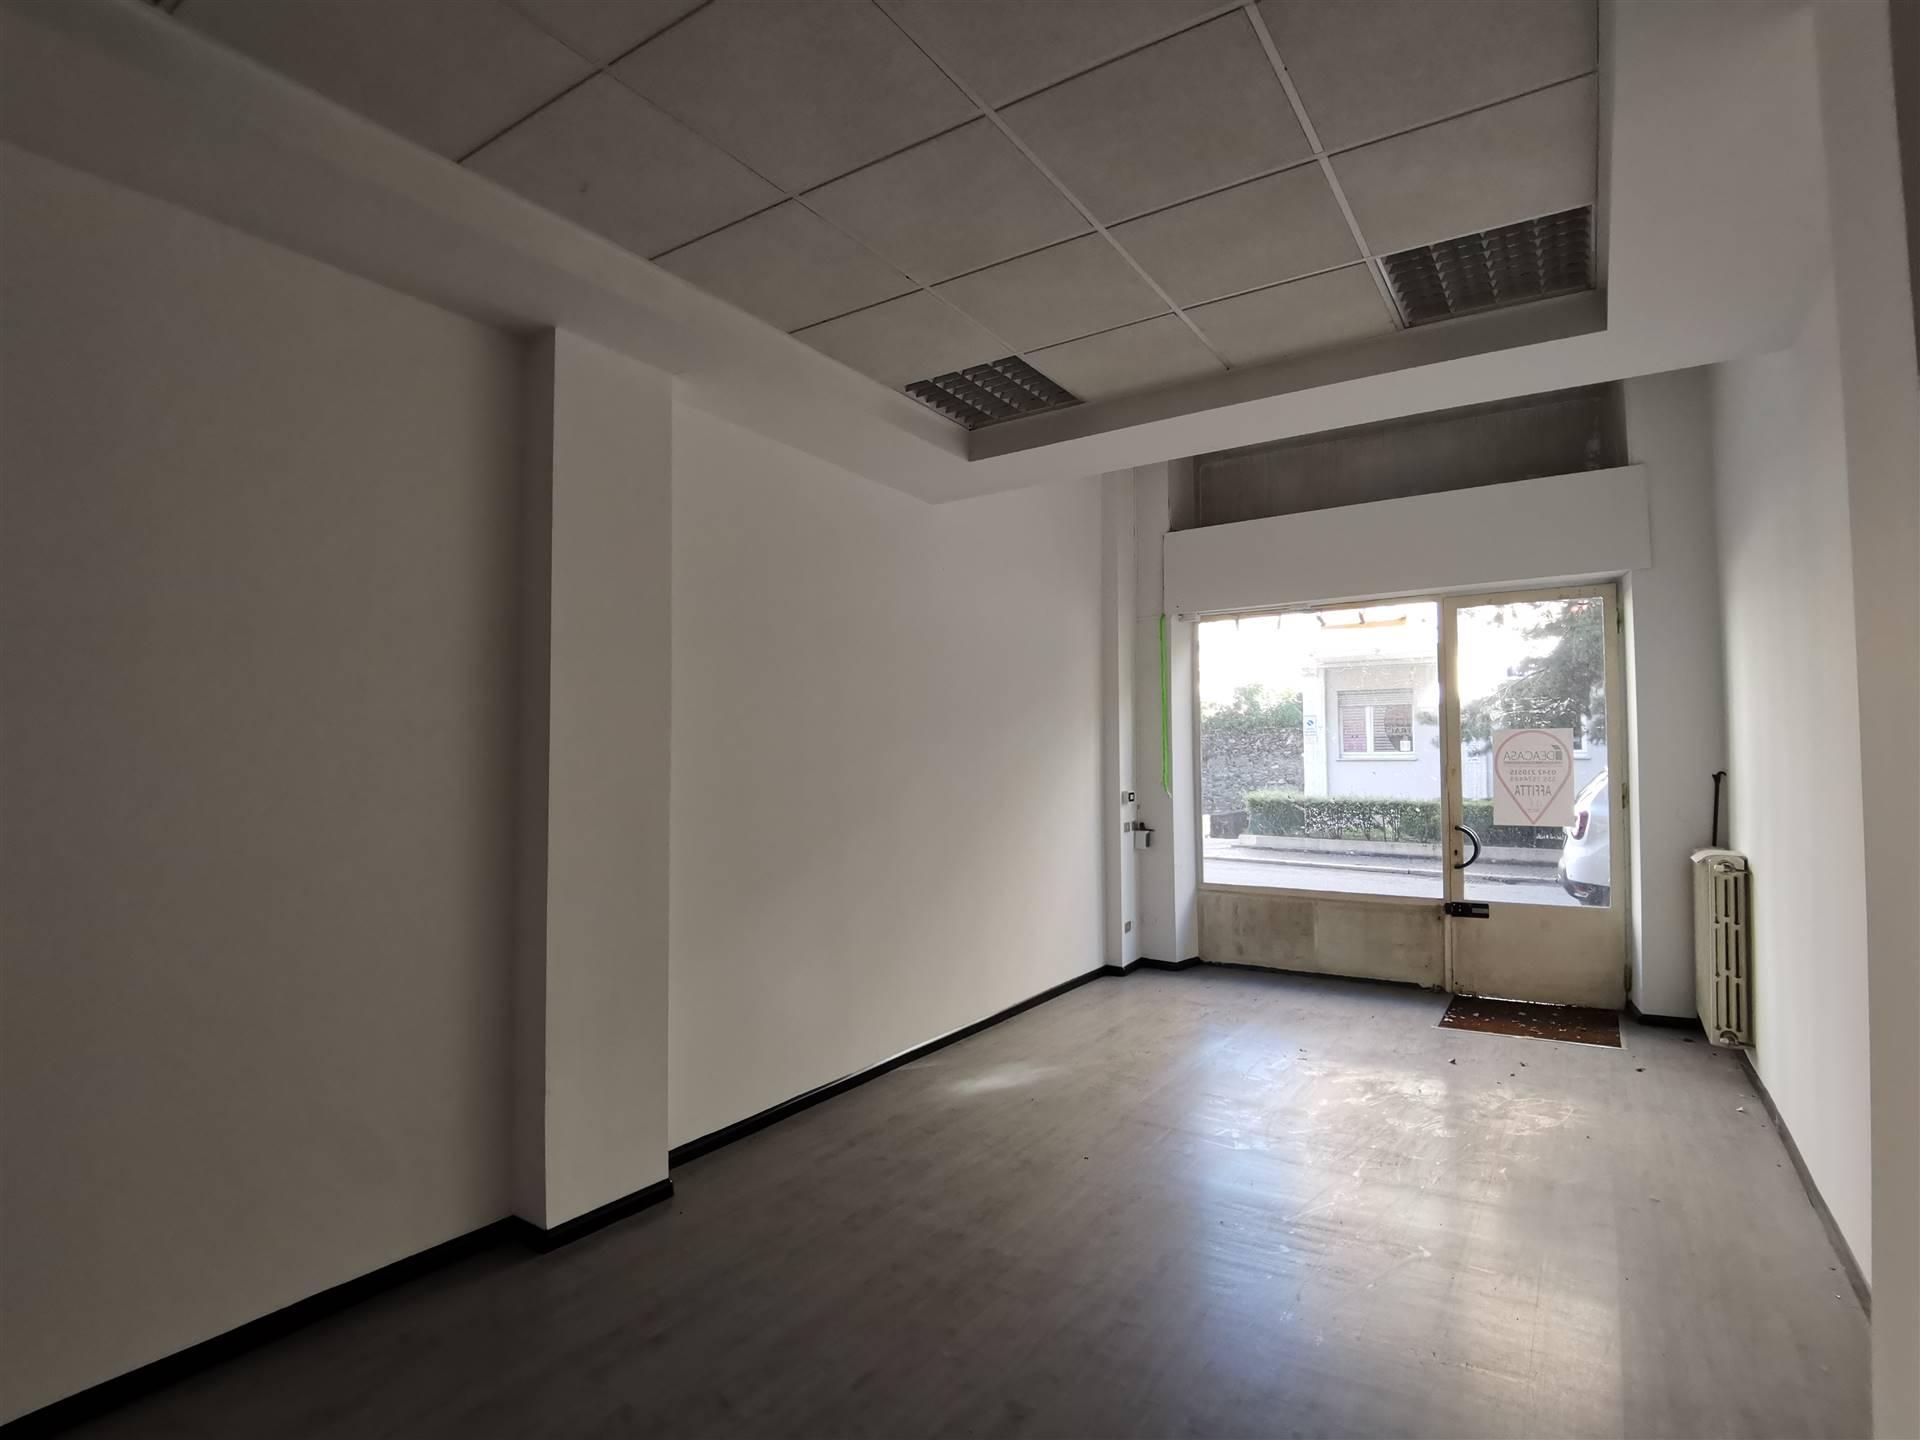 Negozio / Locale in affitto a Sondrio, 1 locali, zona ro zona Ospedale, prezzo € 600 | PortaleAgenzieImmobiliari.it